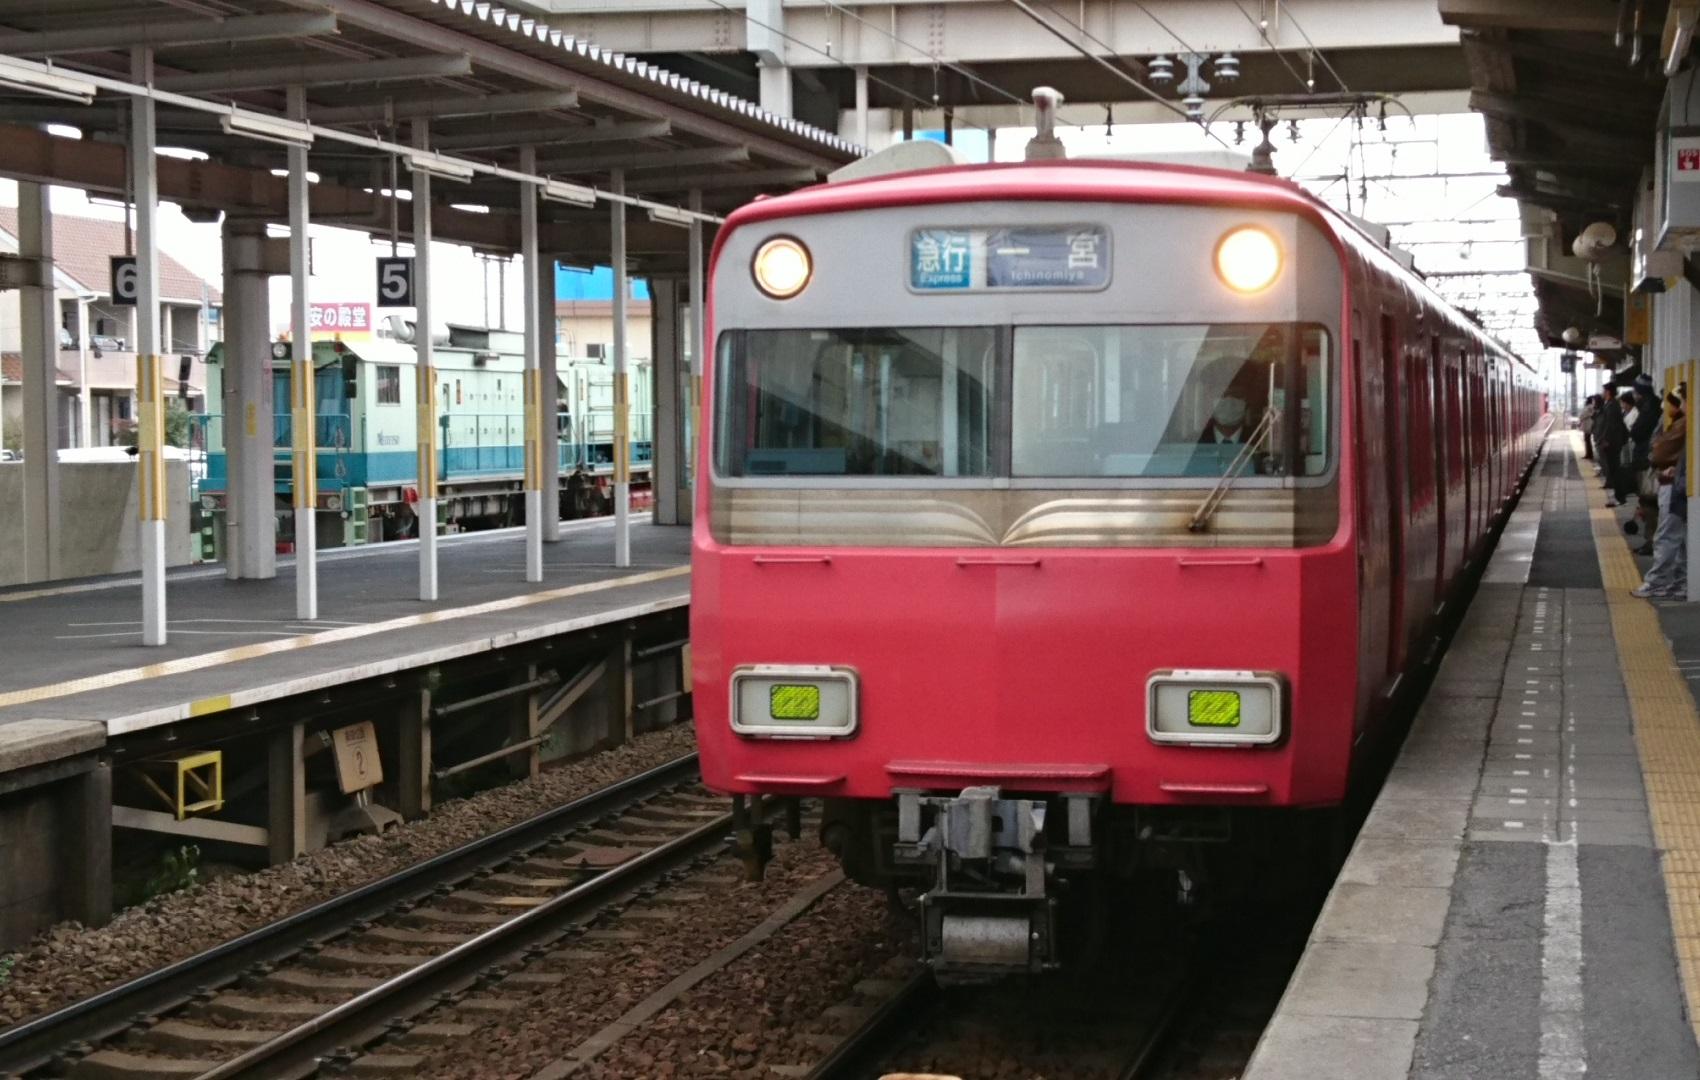 2017.1.3 岐阜まで (6) しんあんじょう - 一宮いき急行 1700-1080